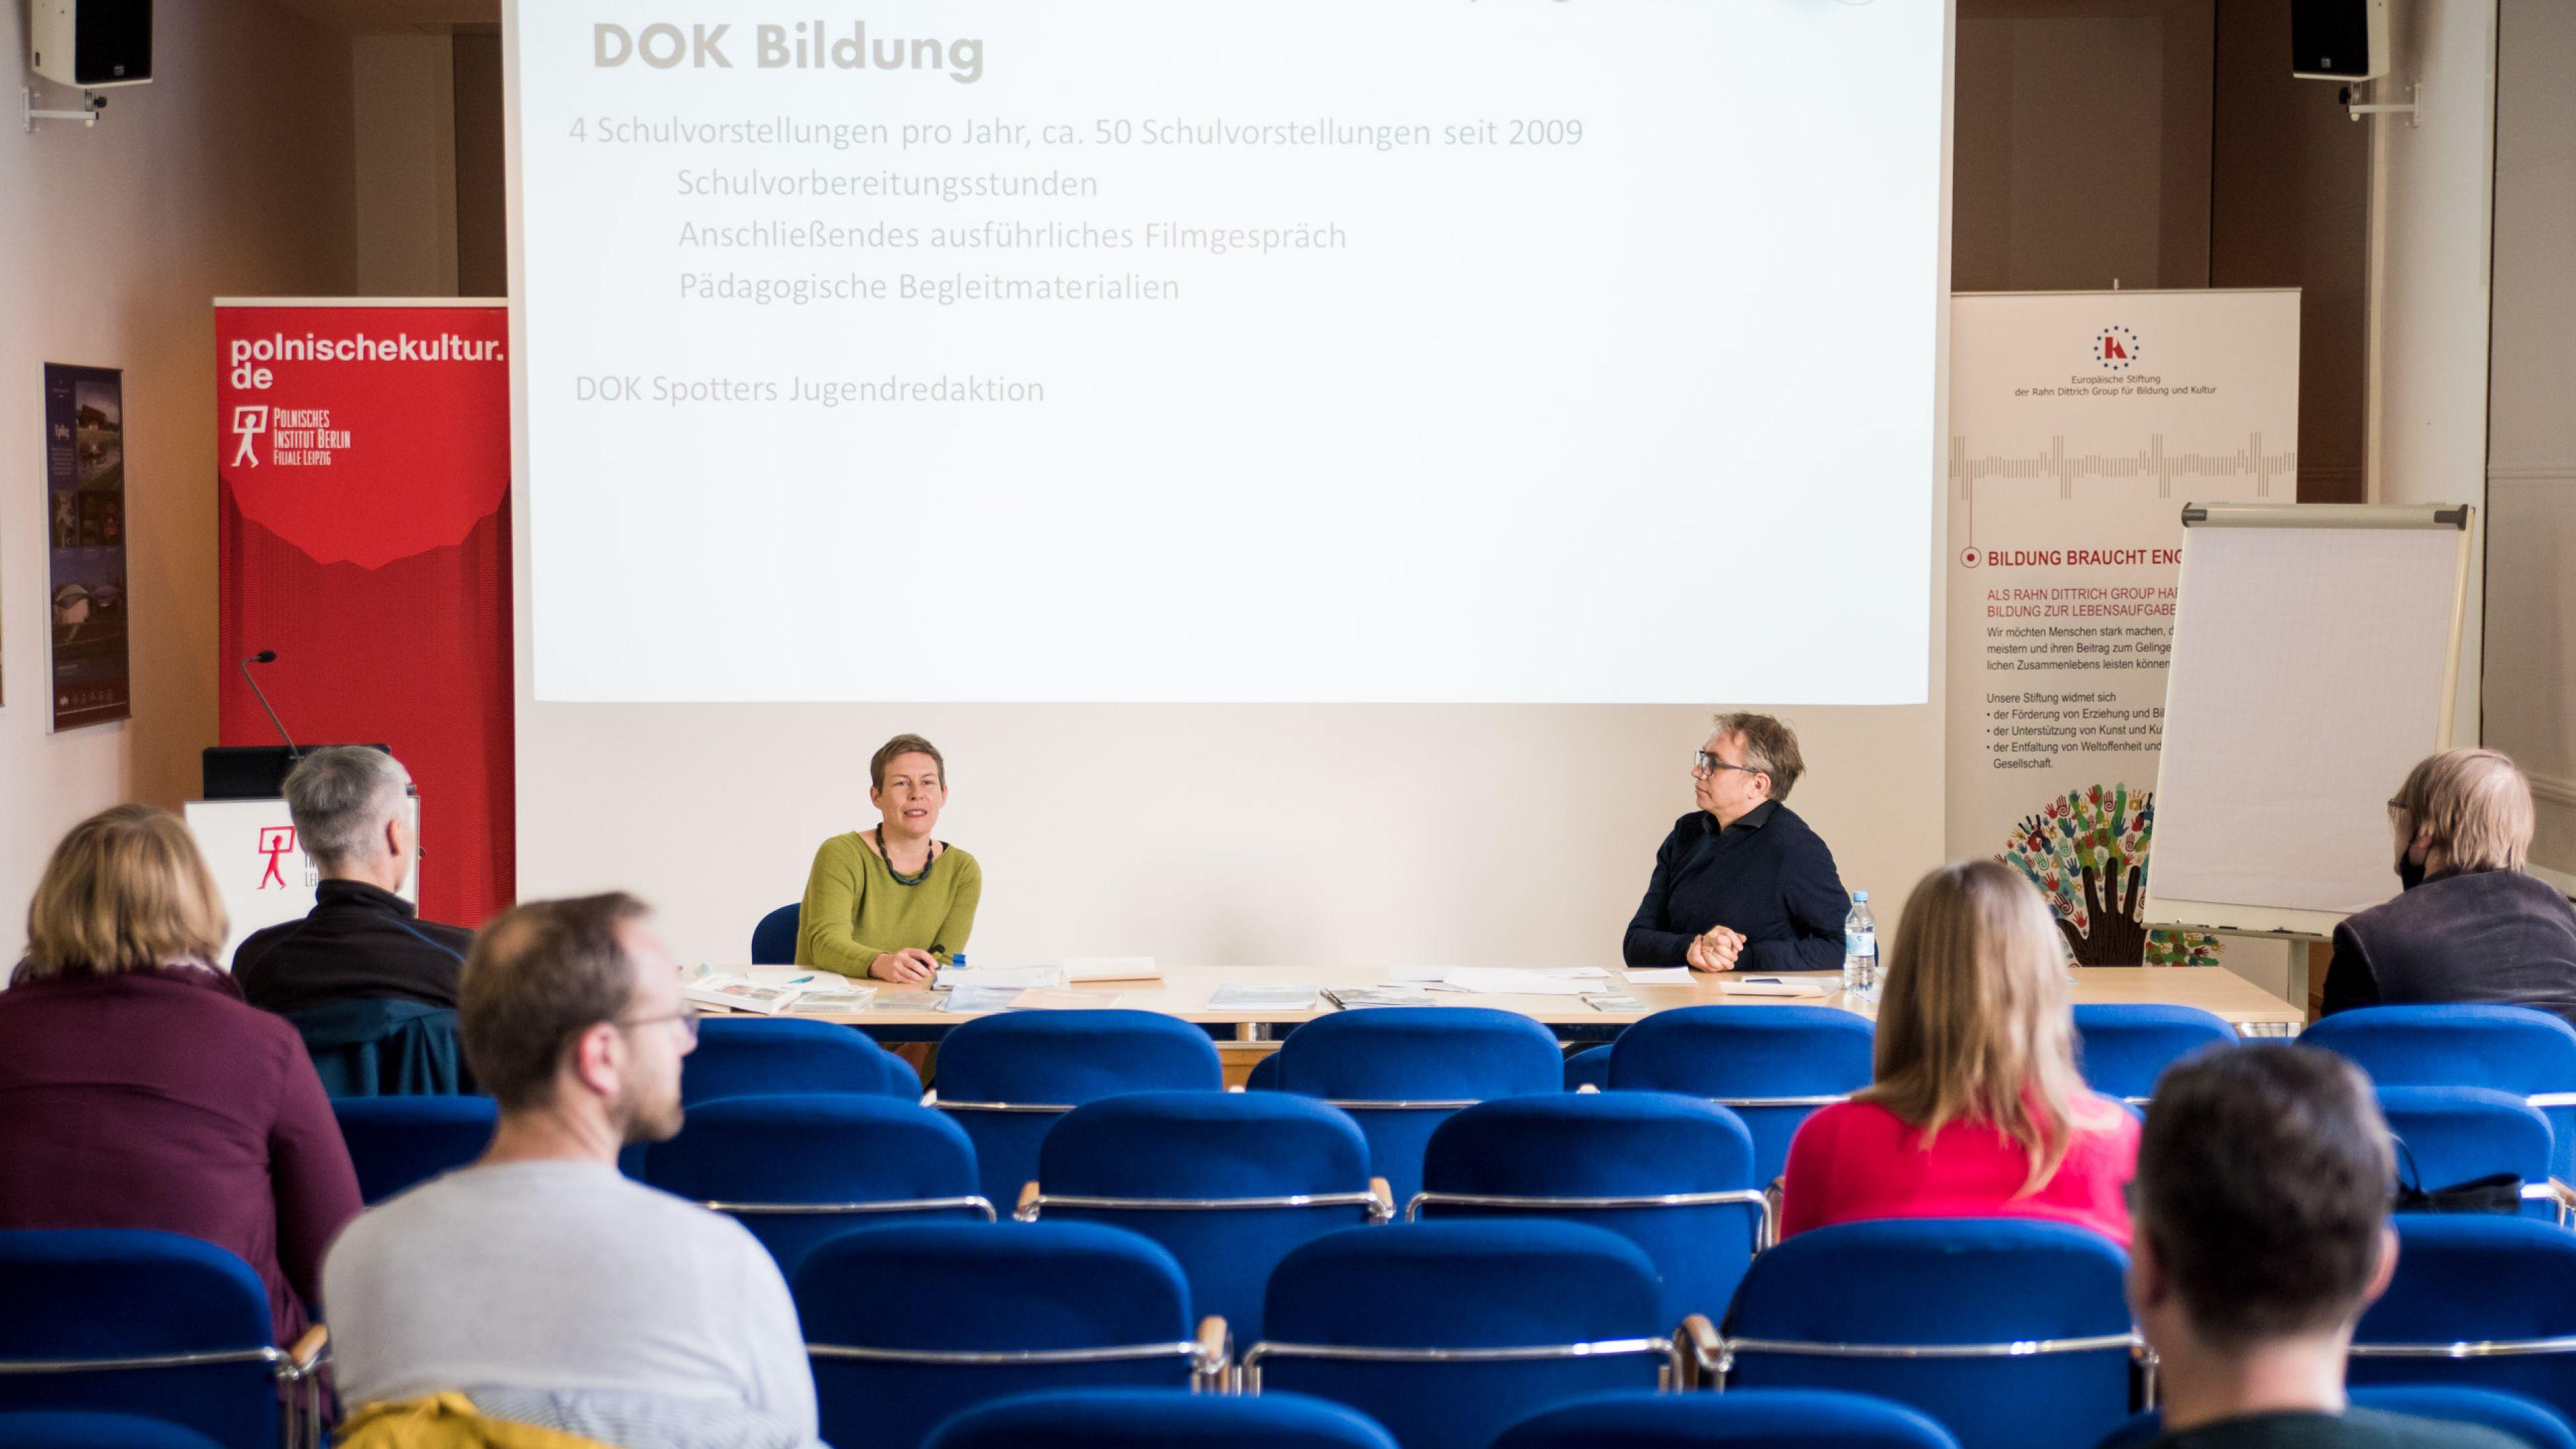 Ein Konferenzraum mit einer Frau und einem Mann, die auf dem Podium sitzen und zum Publikum sprechen, hinter ihnen eine Leinwand.